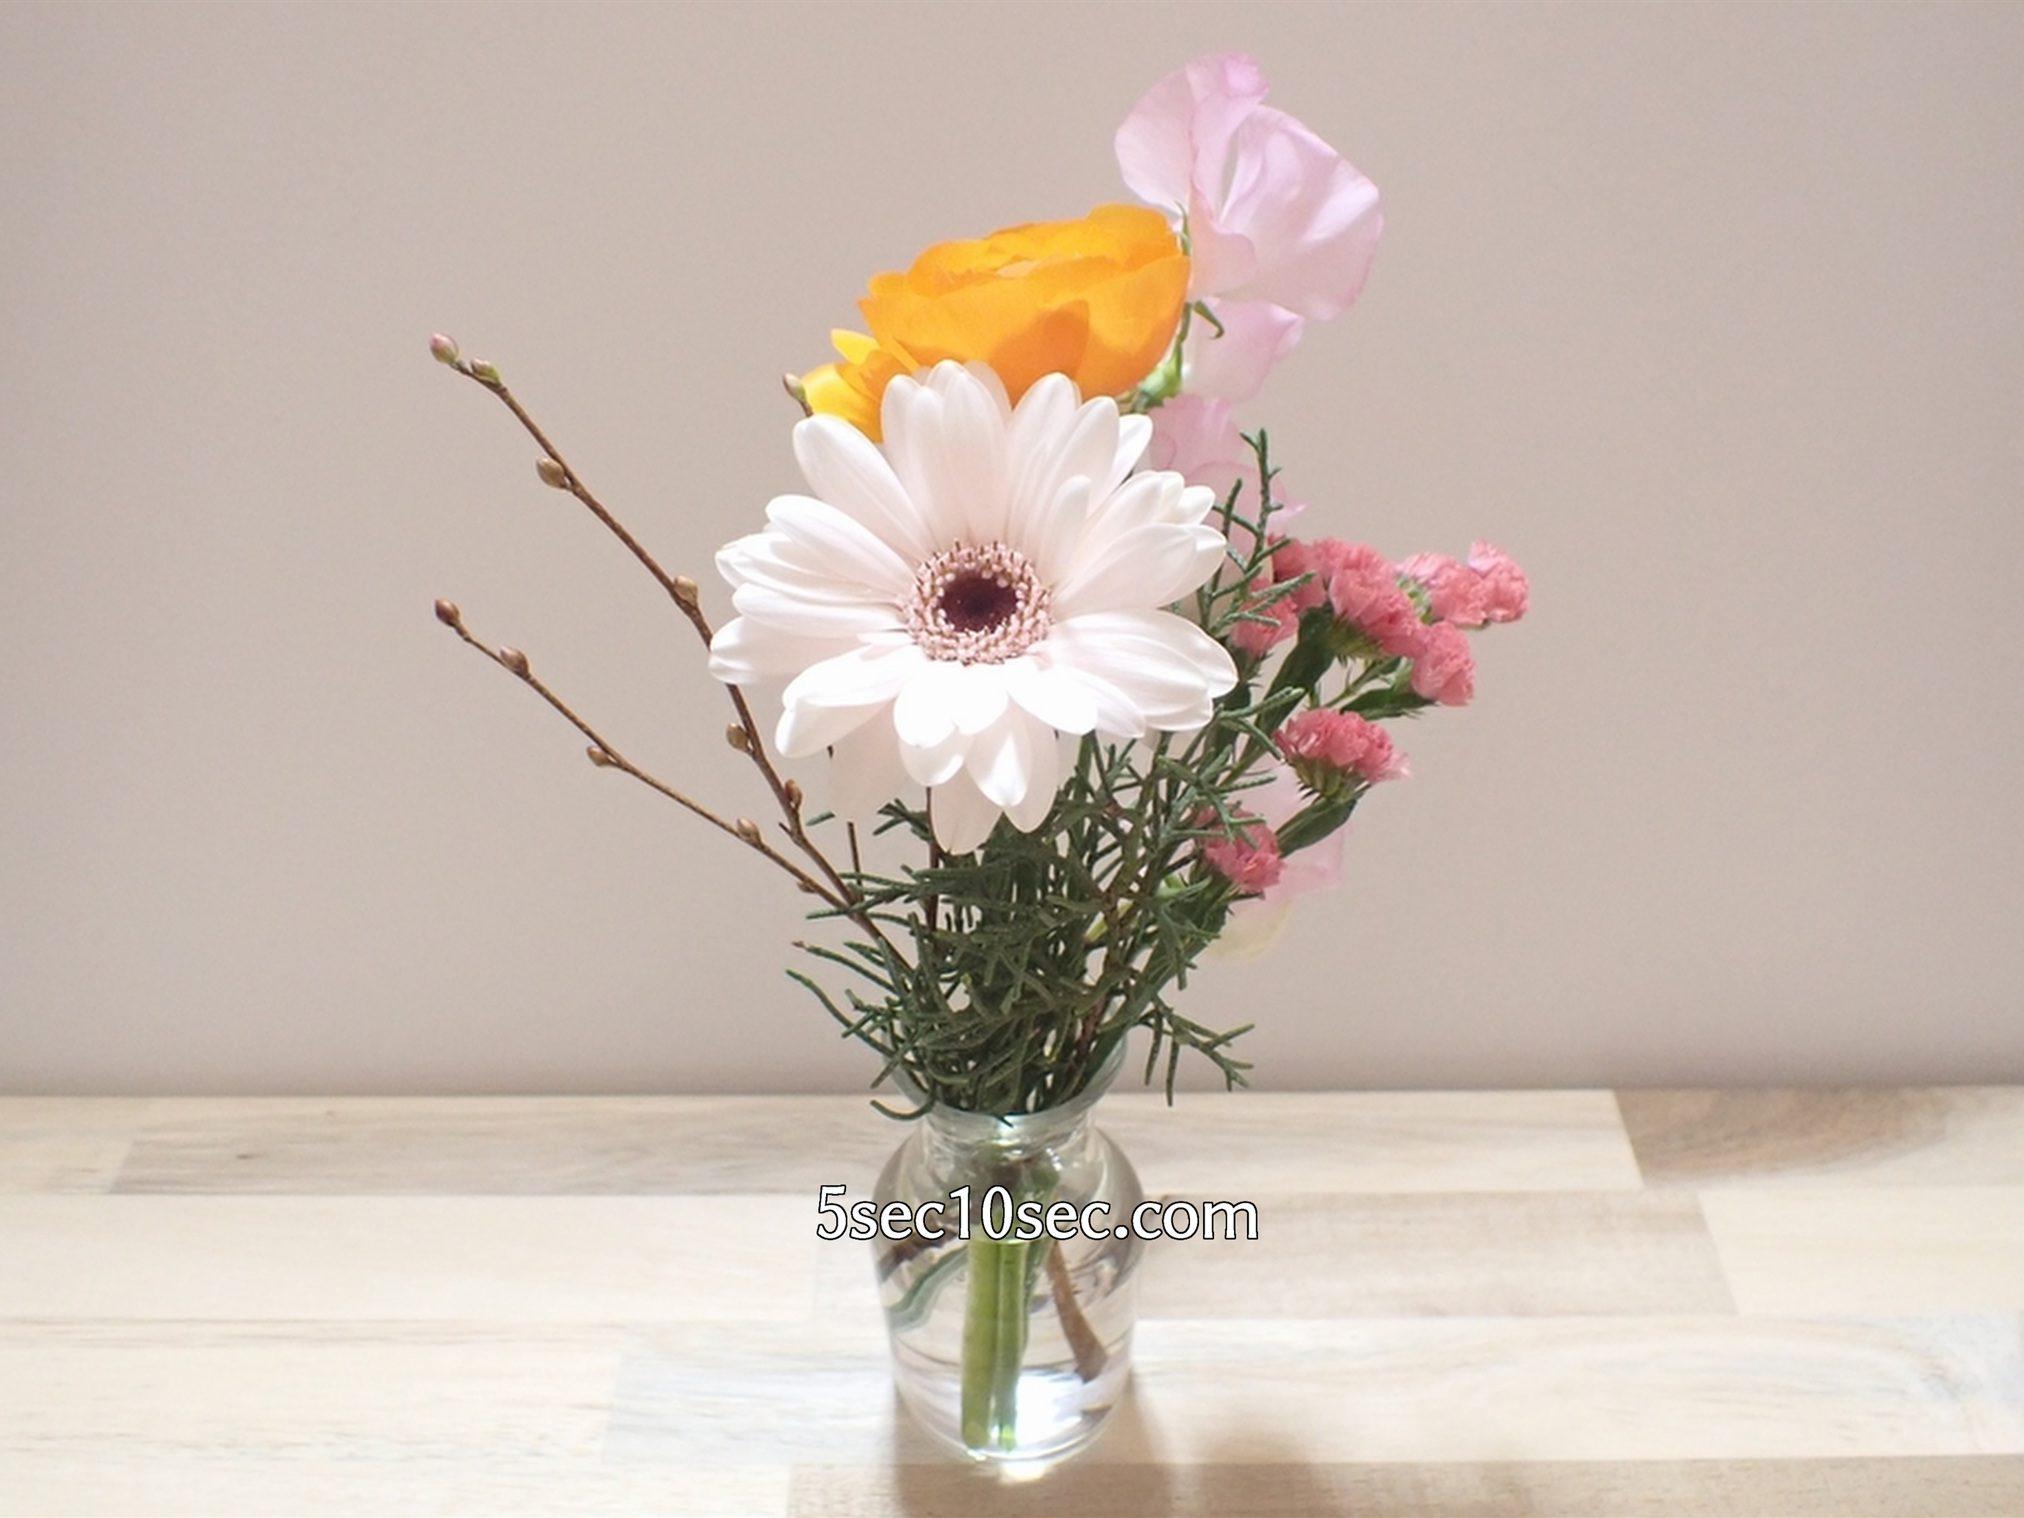 株式会社Crunch Style お花の定期便 Bloomee LIFE ブルーミーライフ 800円のレギュラープラン 今週のお花は、ラナンキュラス、スイトピー、姫水木、ガーベラ(ココット)、スターチス、ブルーアイスの6種類のグリーンと切り花でした